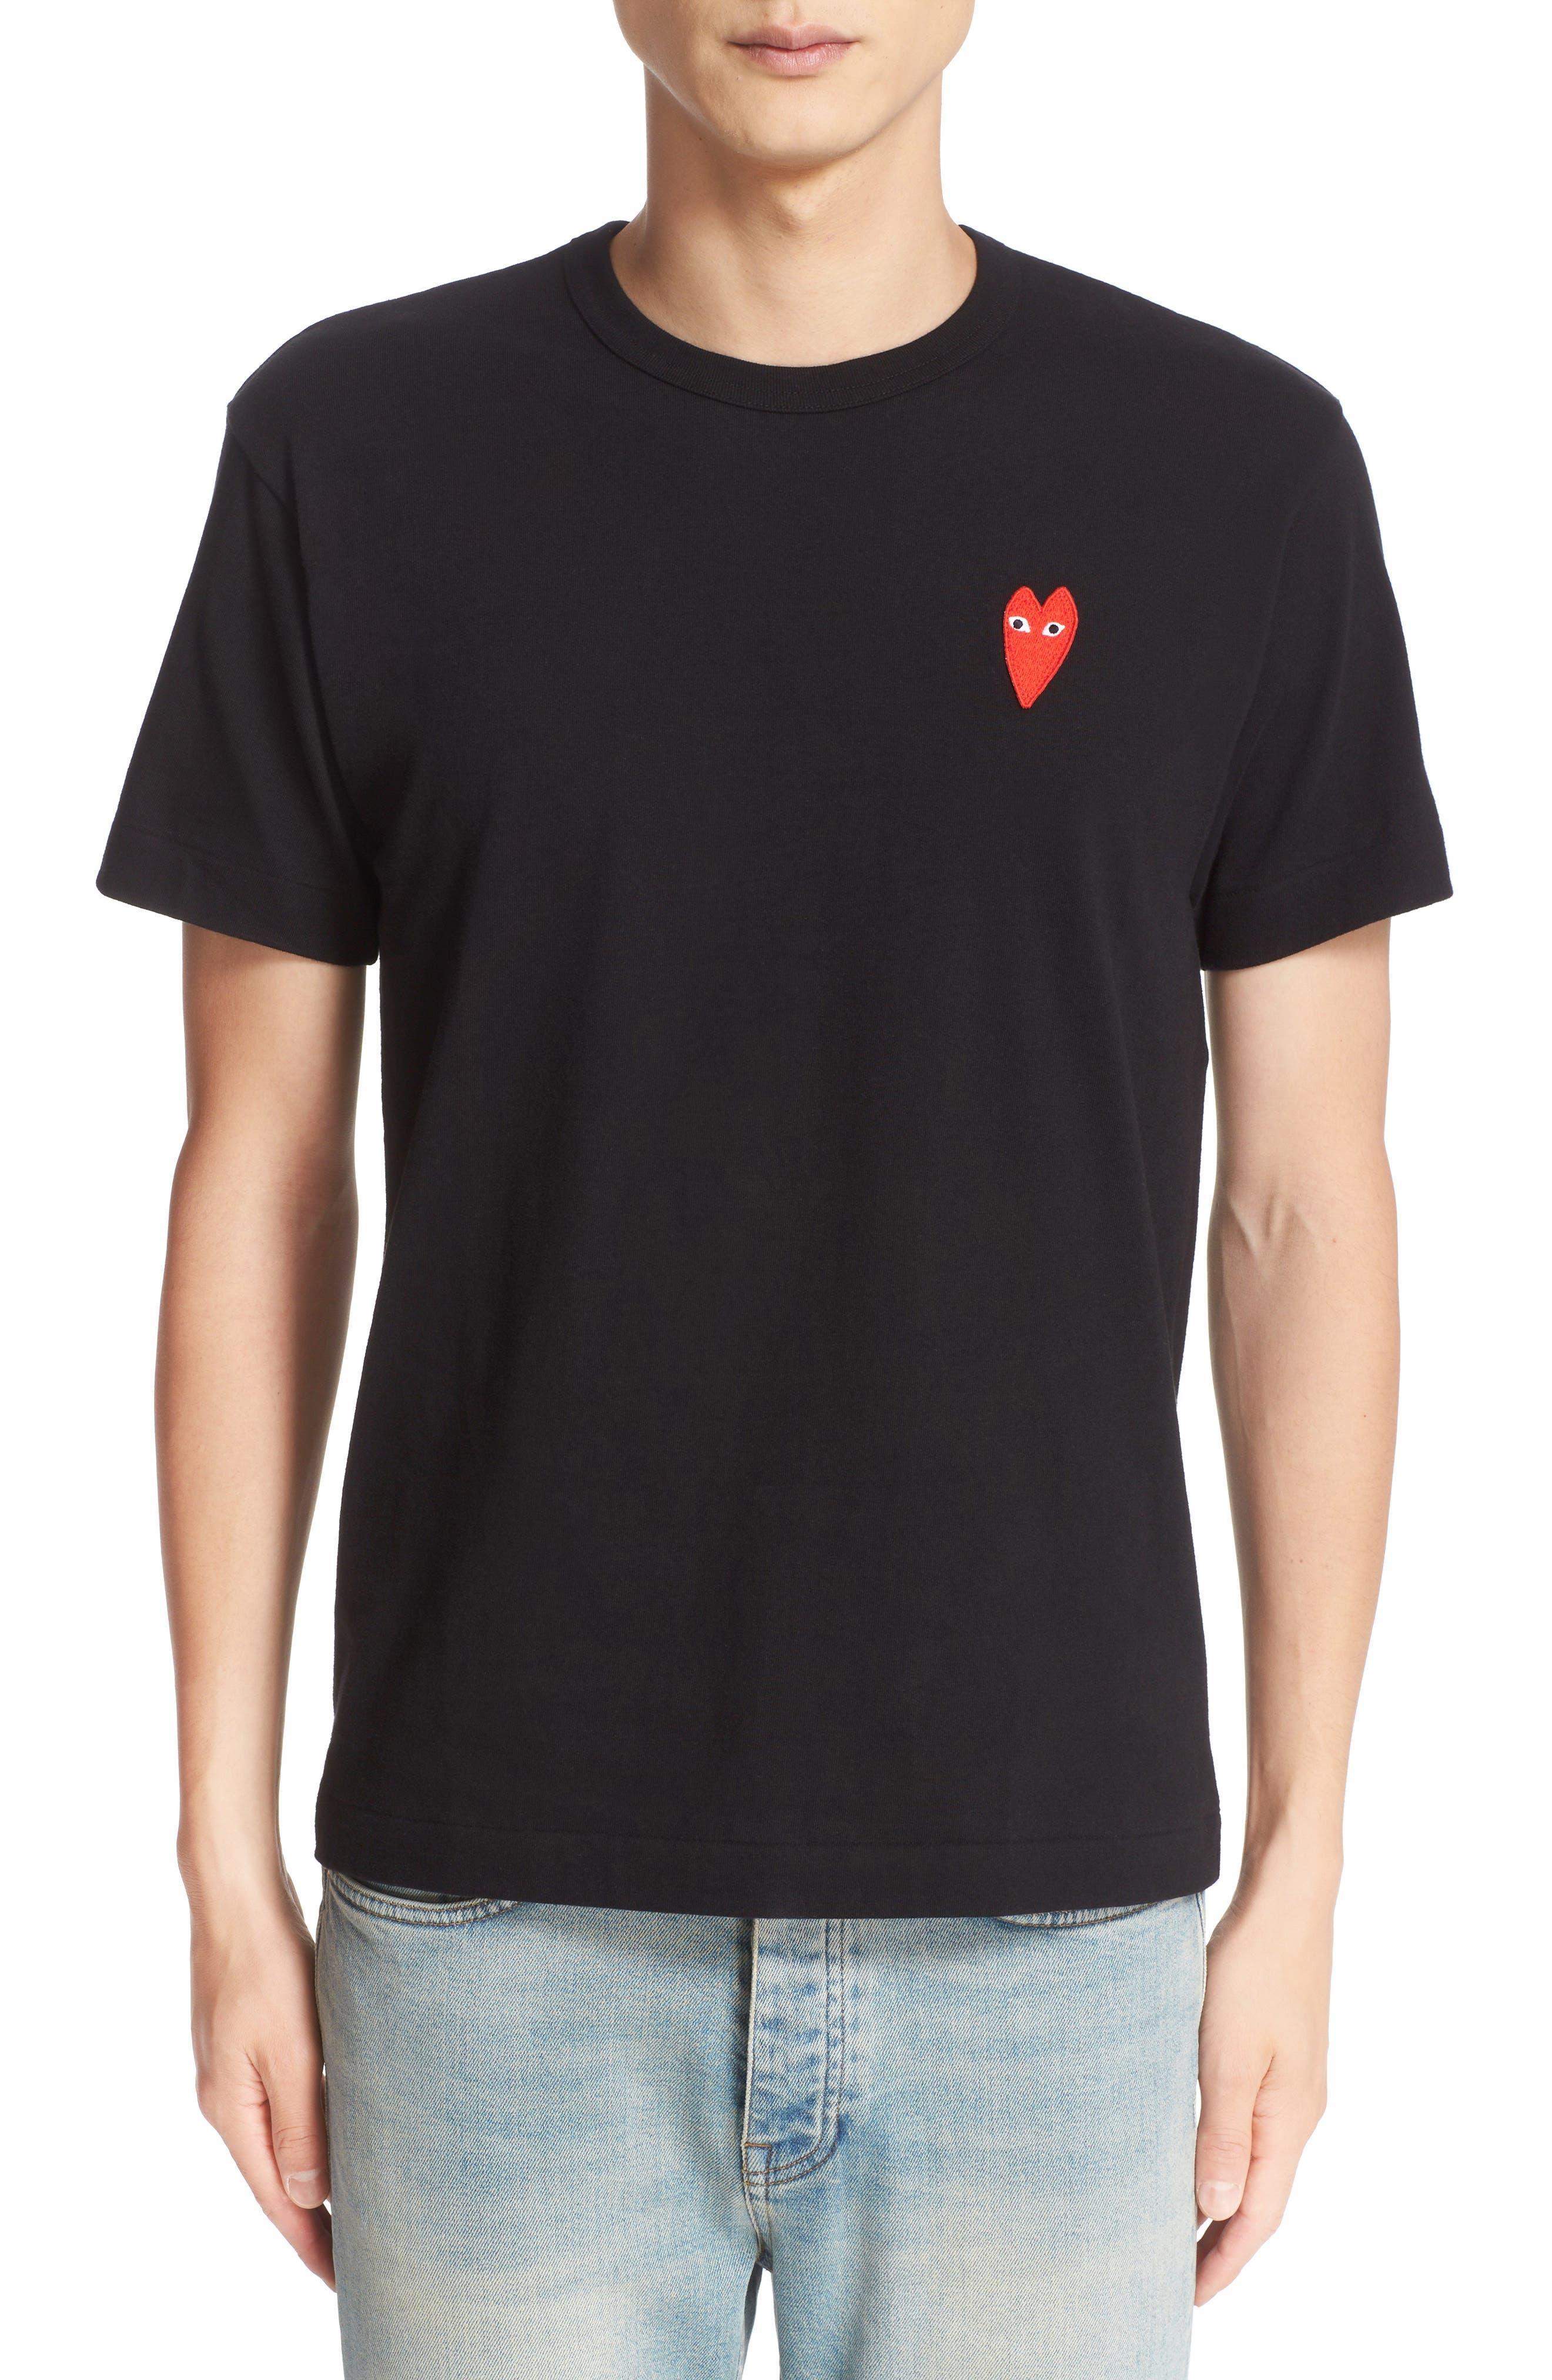 COMME DES GARÇONS PLAY, Stretch Face Heart T-Shirt, Main thumbnail 1, color, BLACK